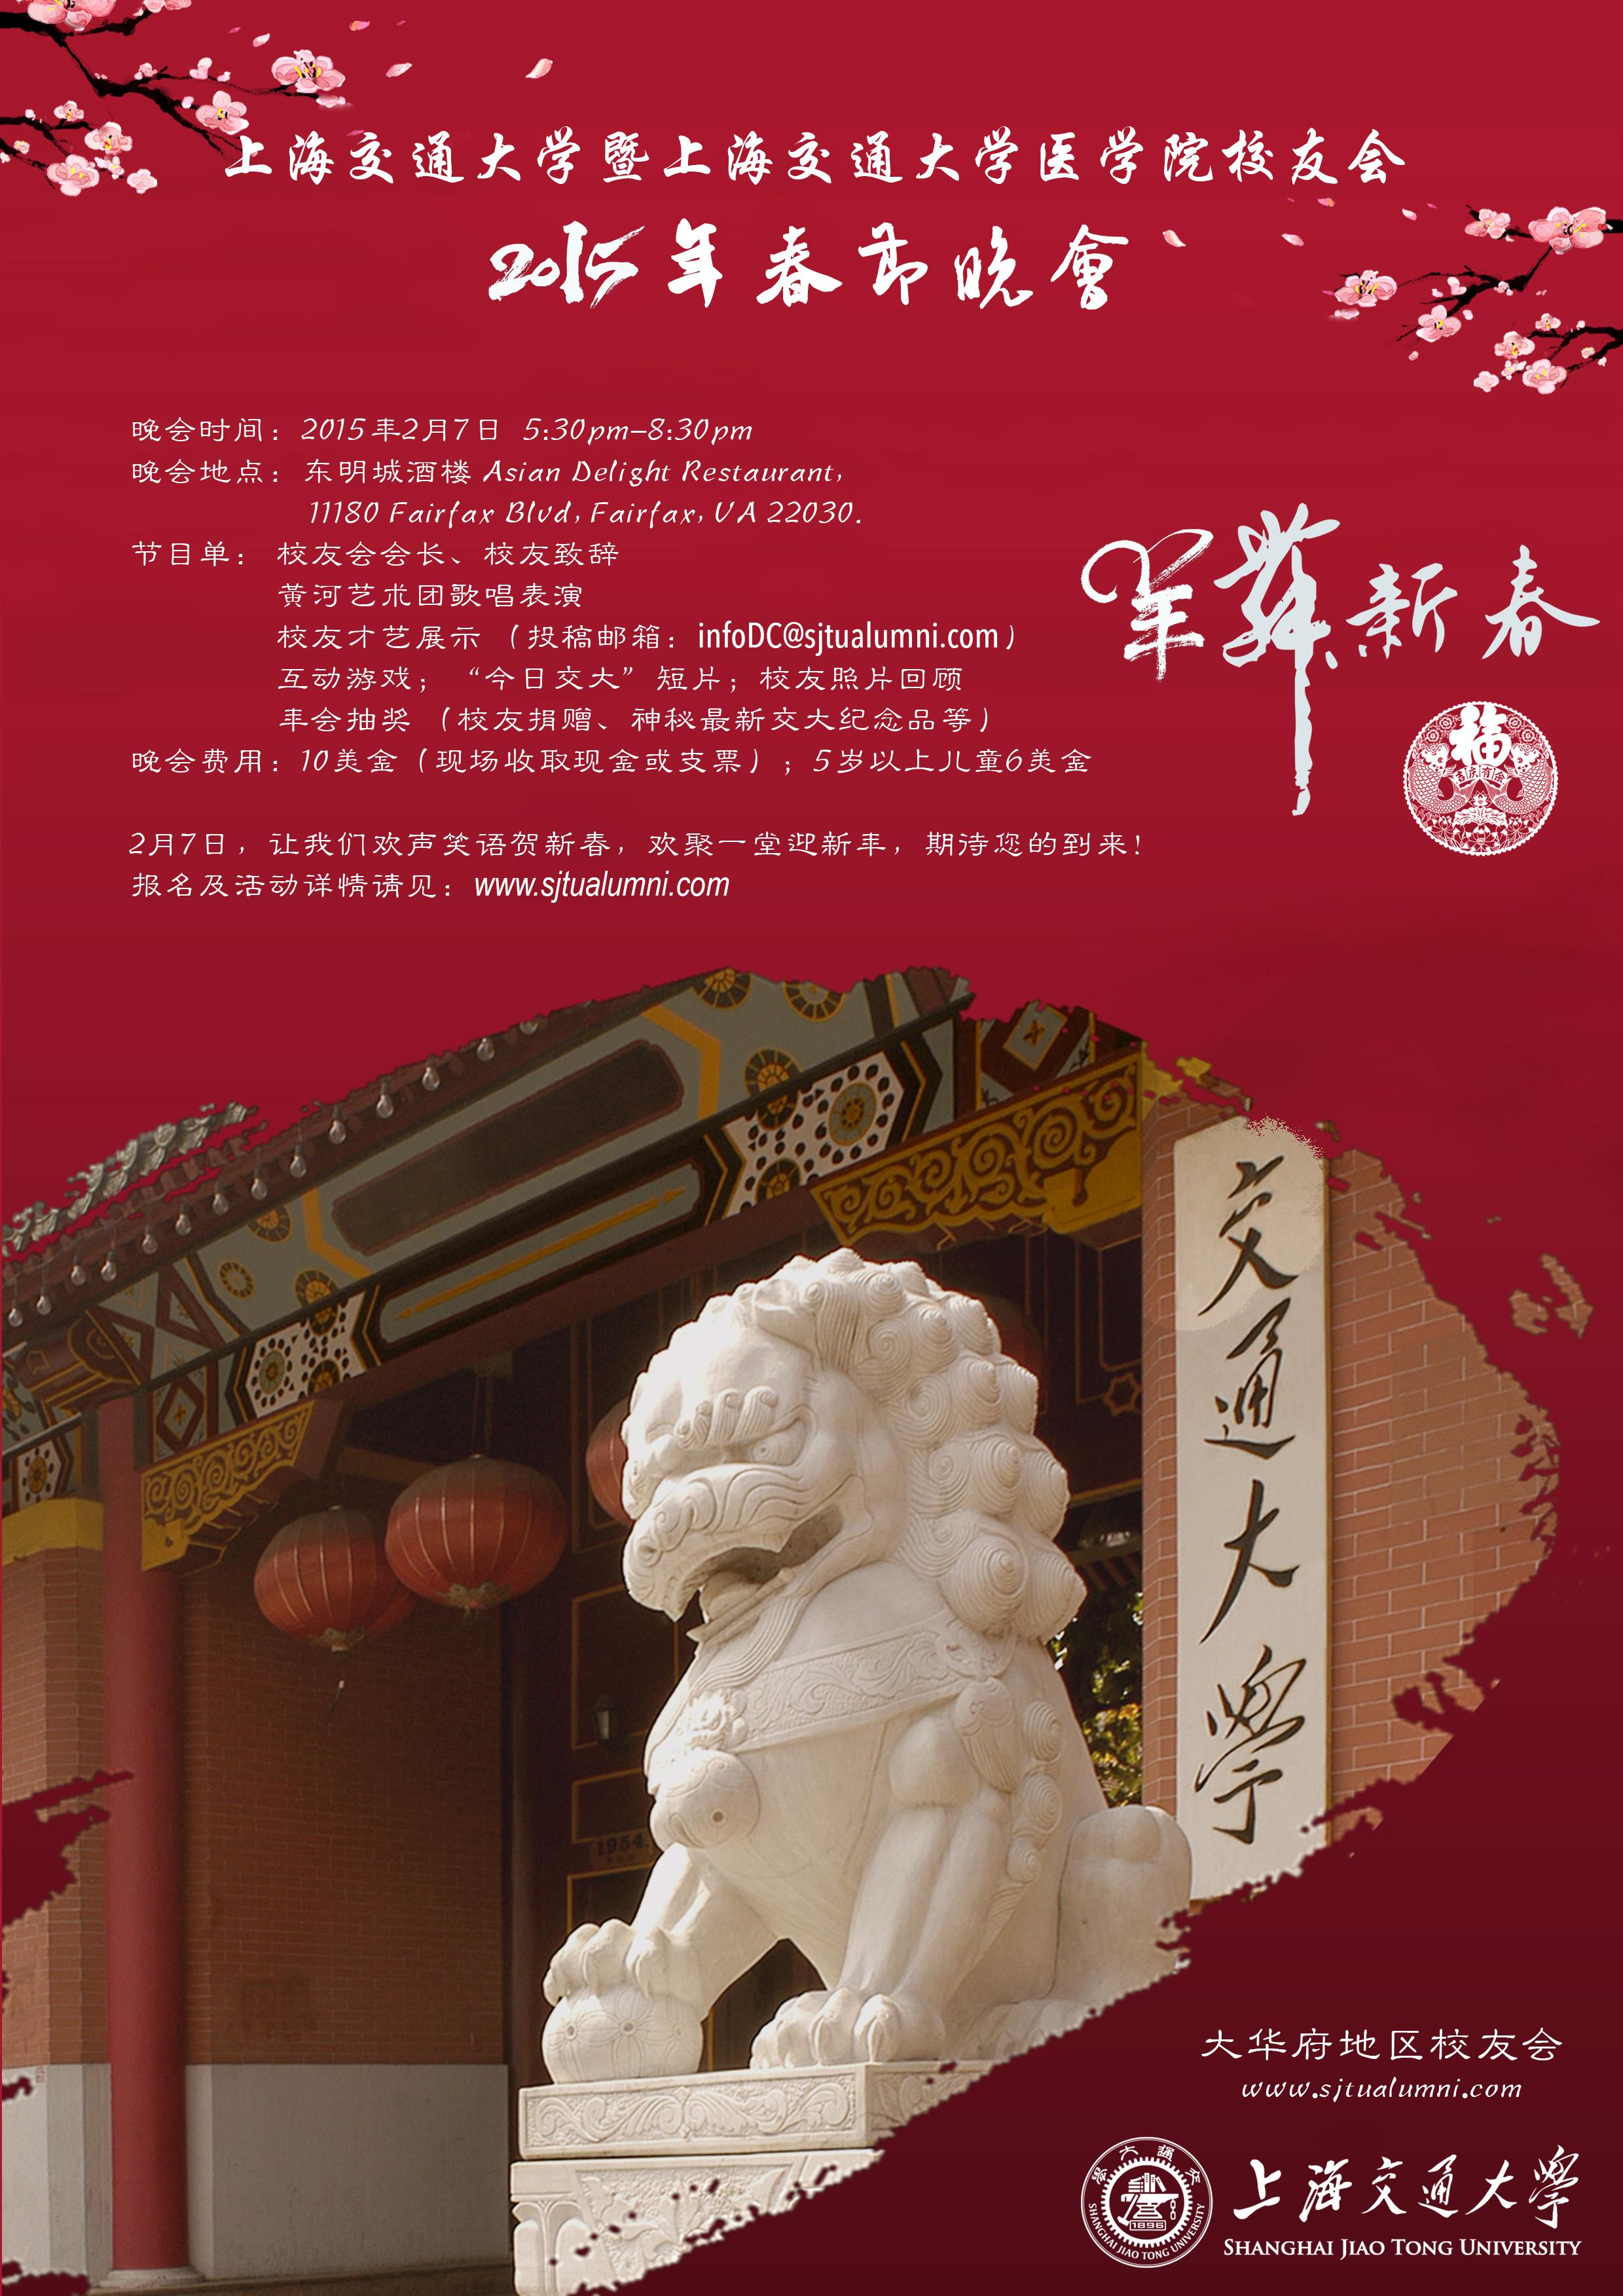 上海交通大学暨上海交通大学医学院<br/>校友会2015年晚会